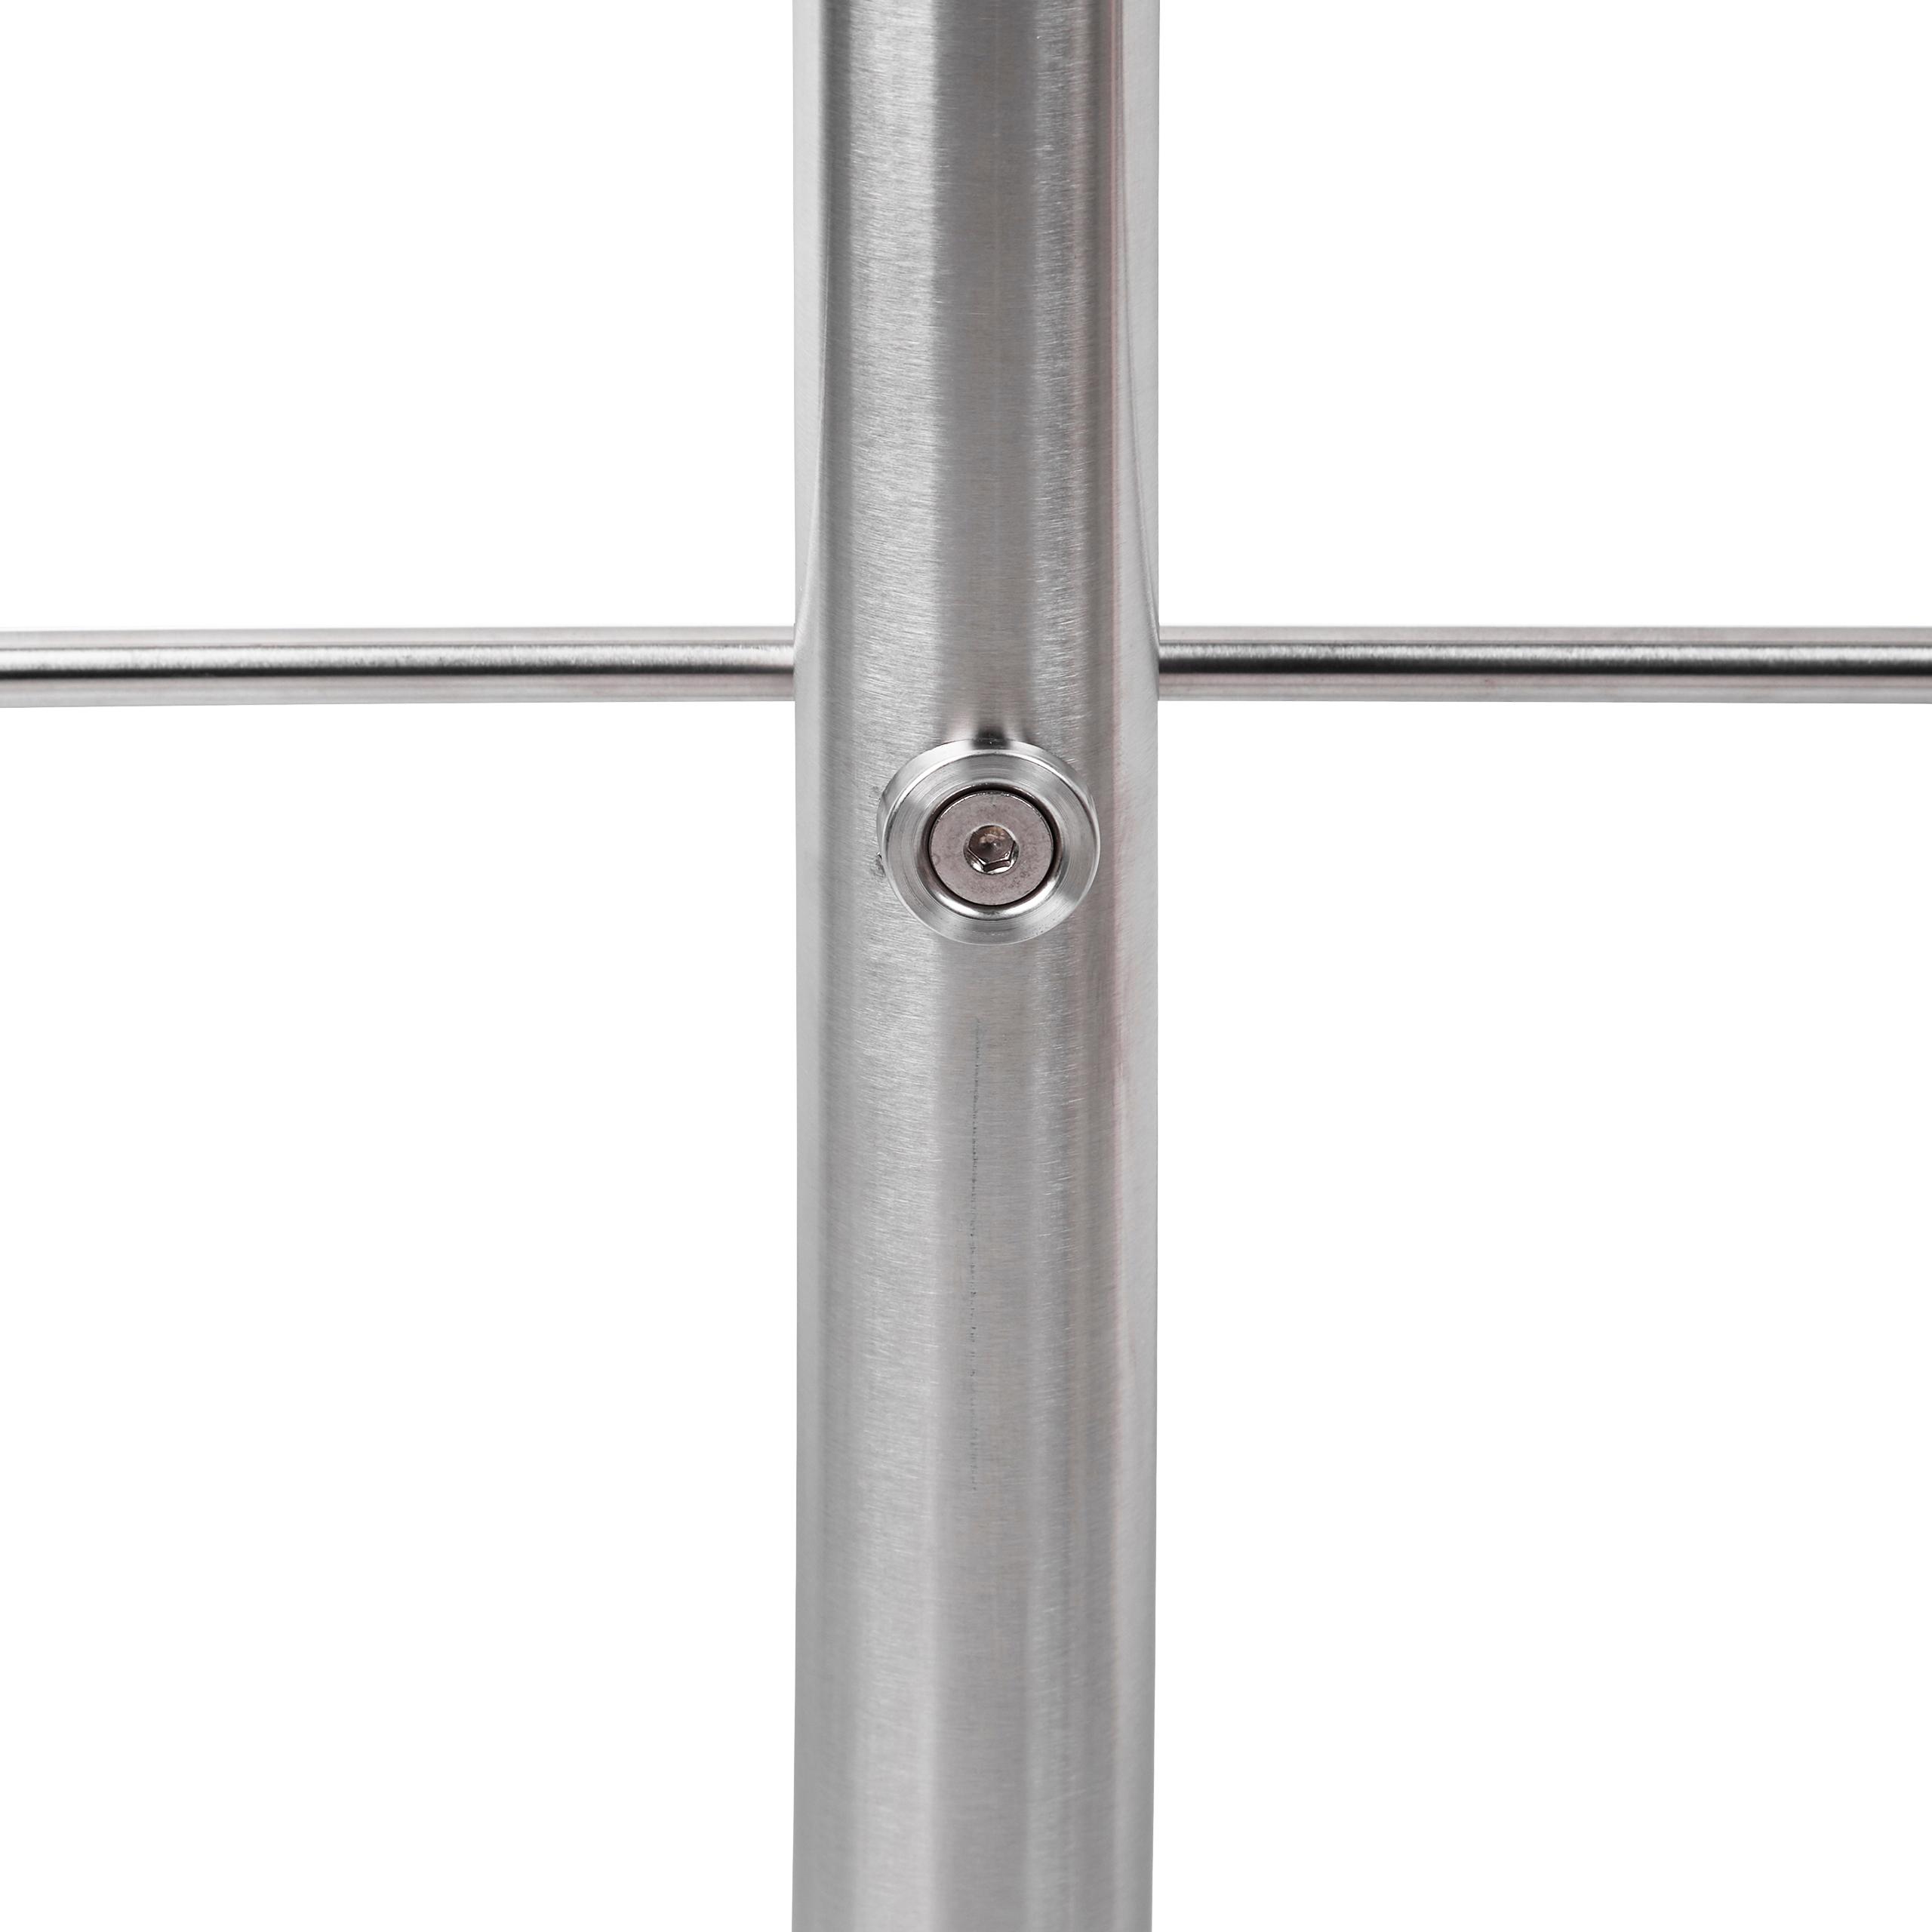 Treppengeländer Set aus Edelstahl für den Außenbereich Treppenhandlauf Silber